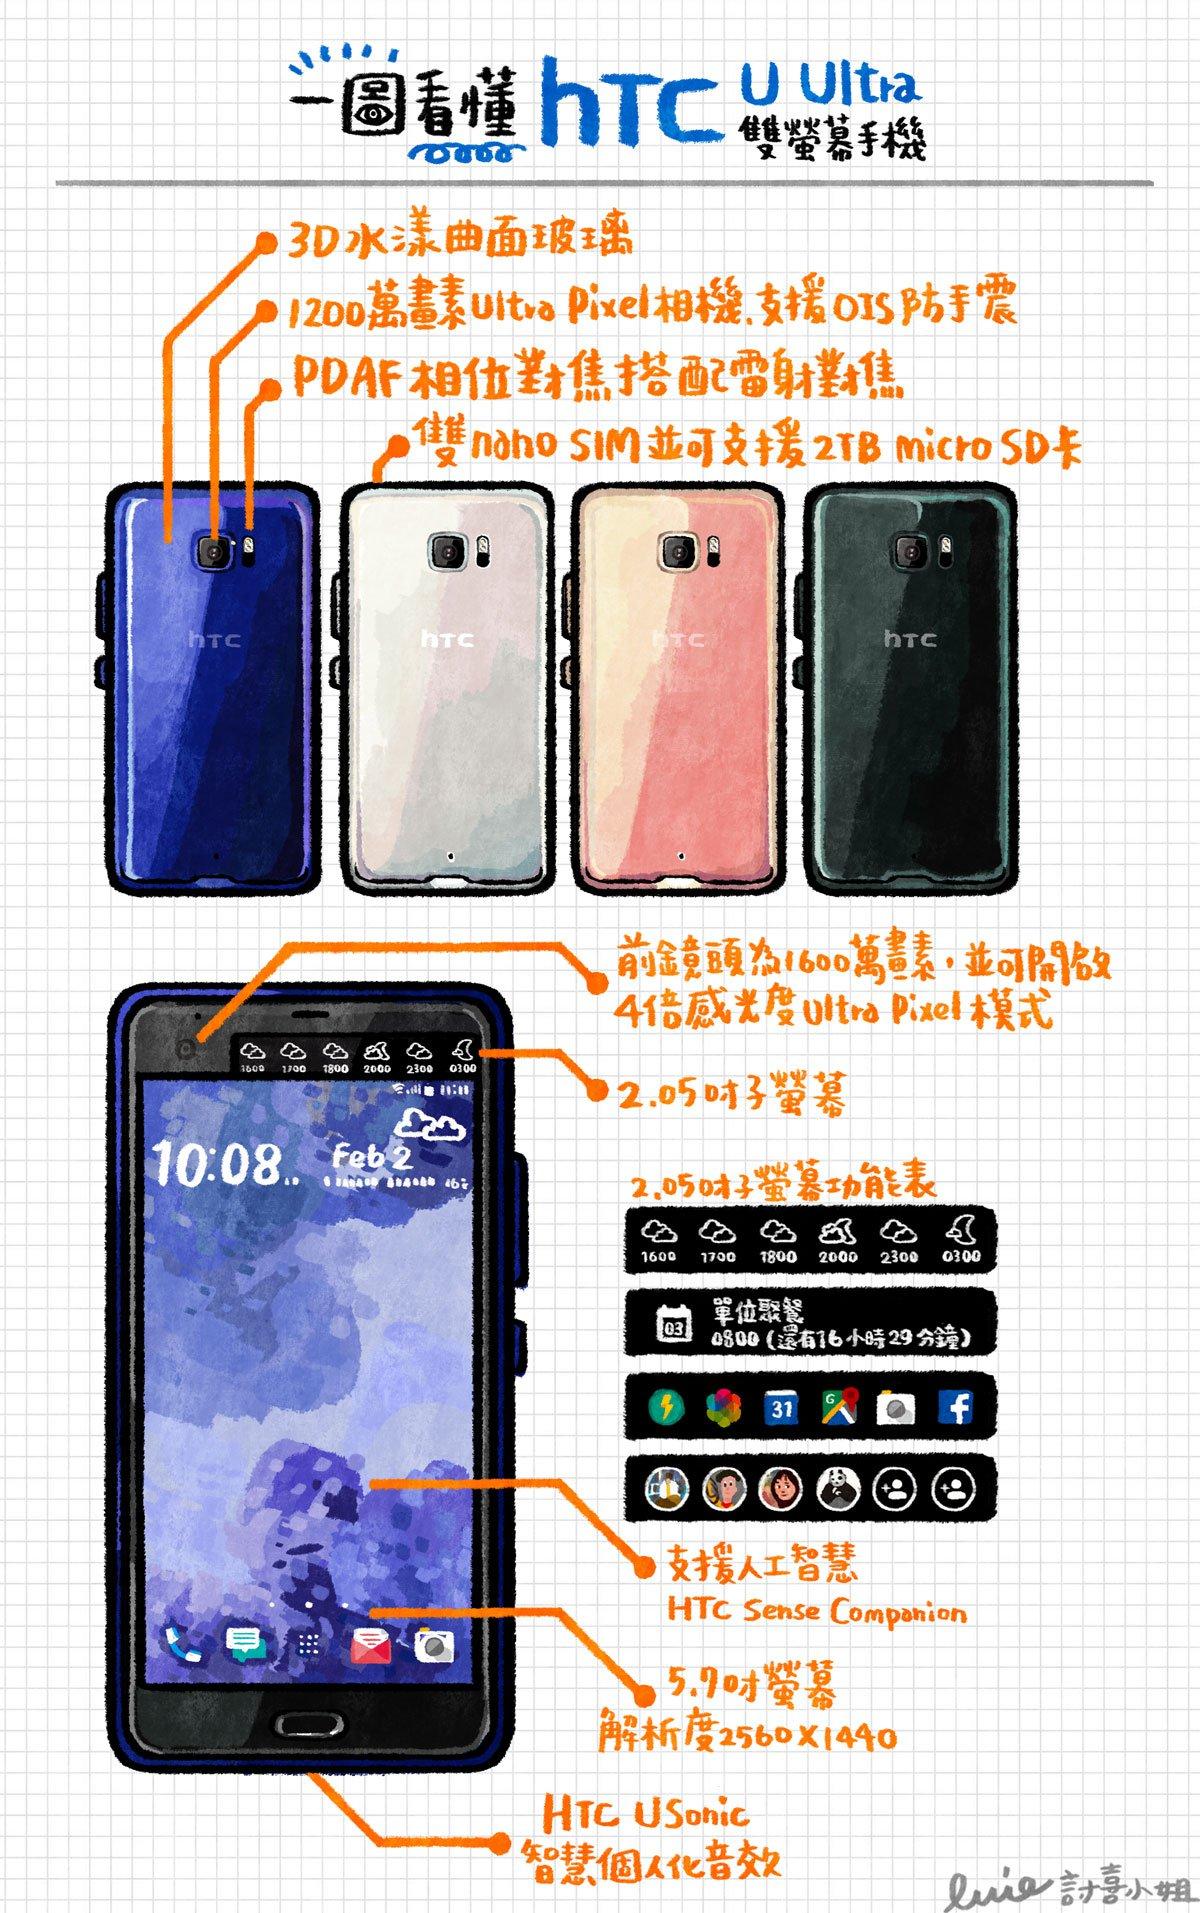 一圖看懂 HTC U Ultra 雙螢幕手機